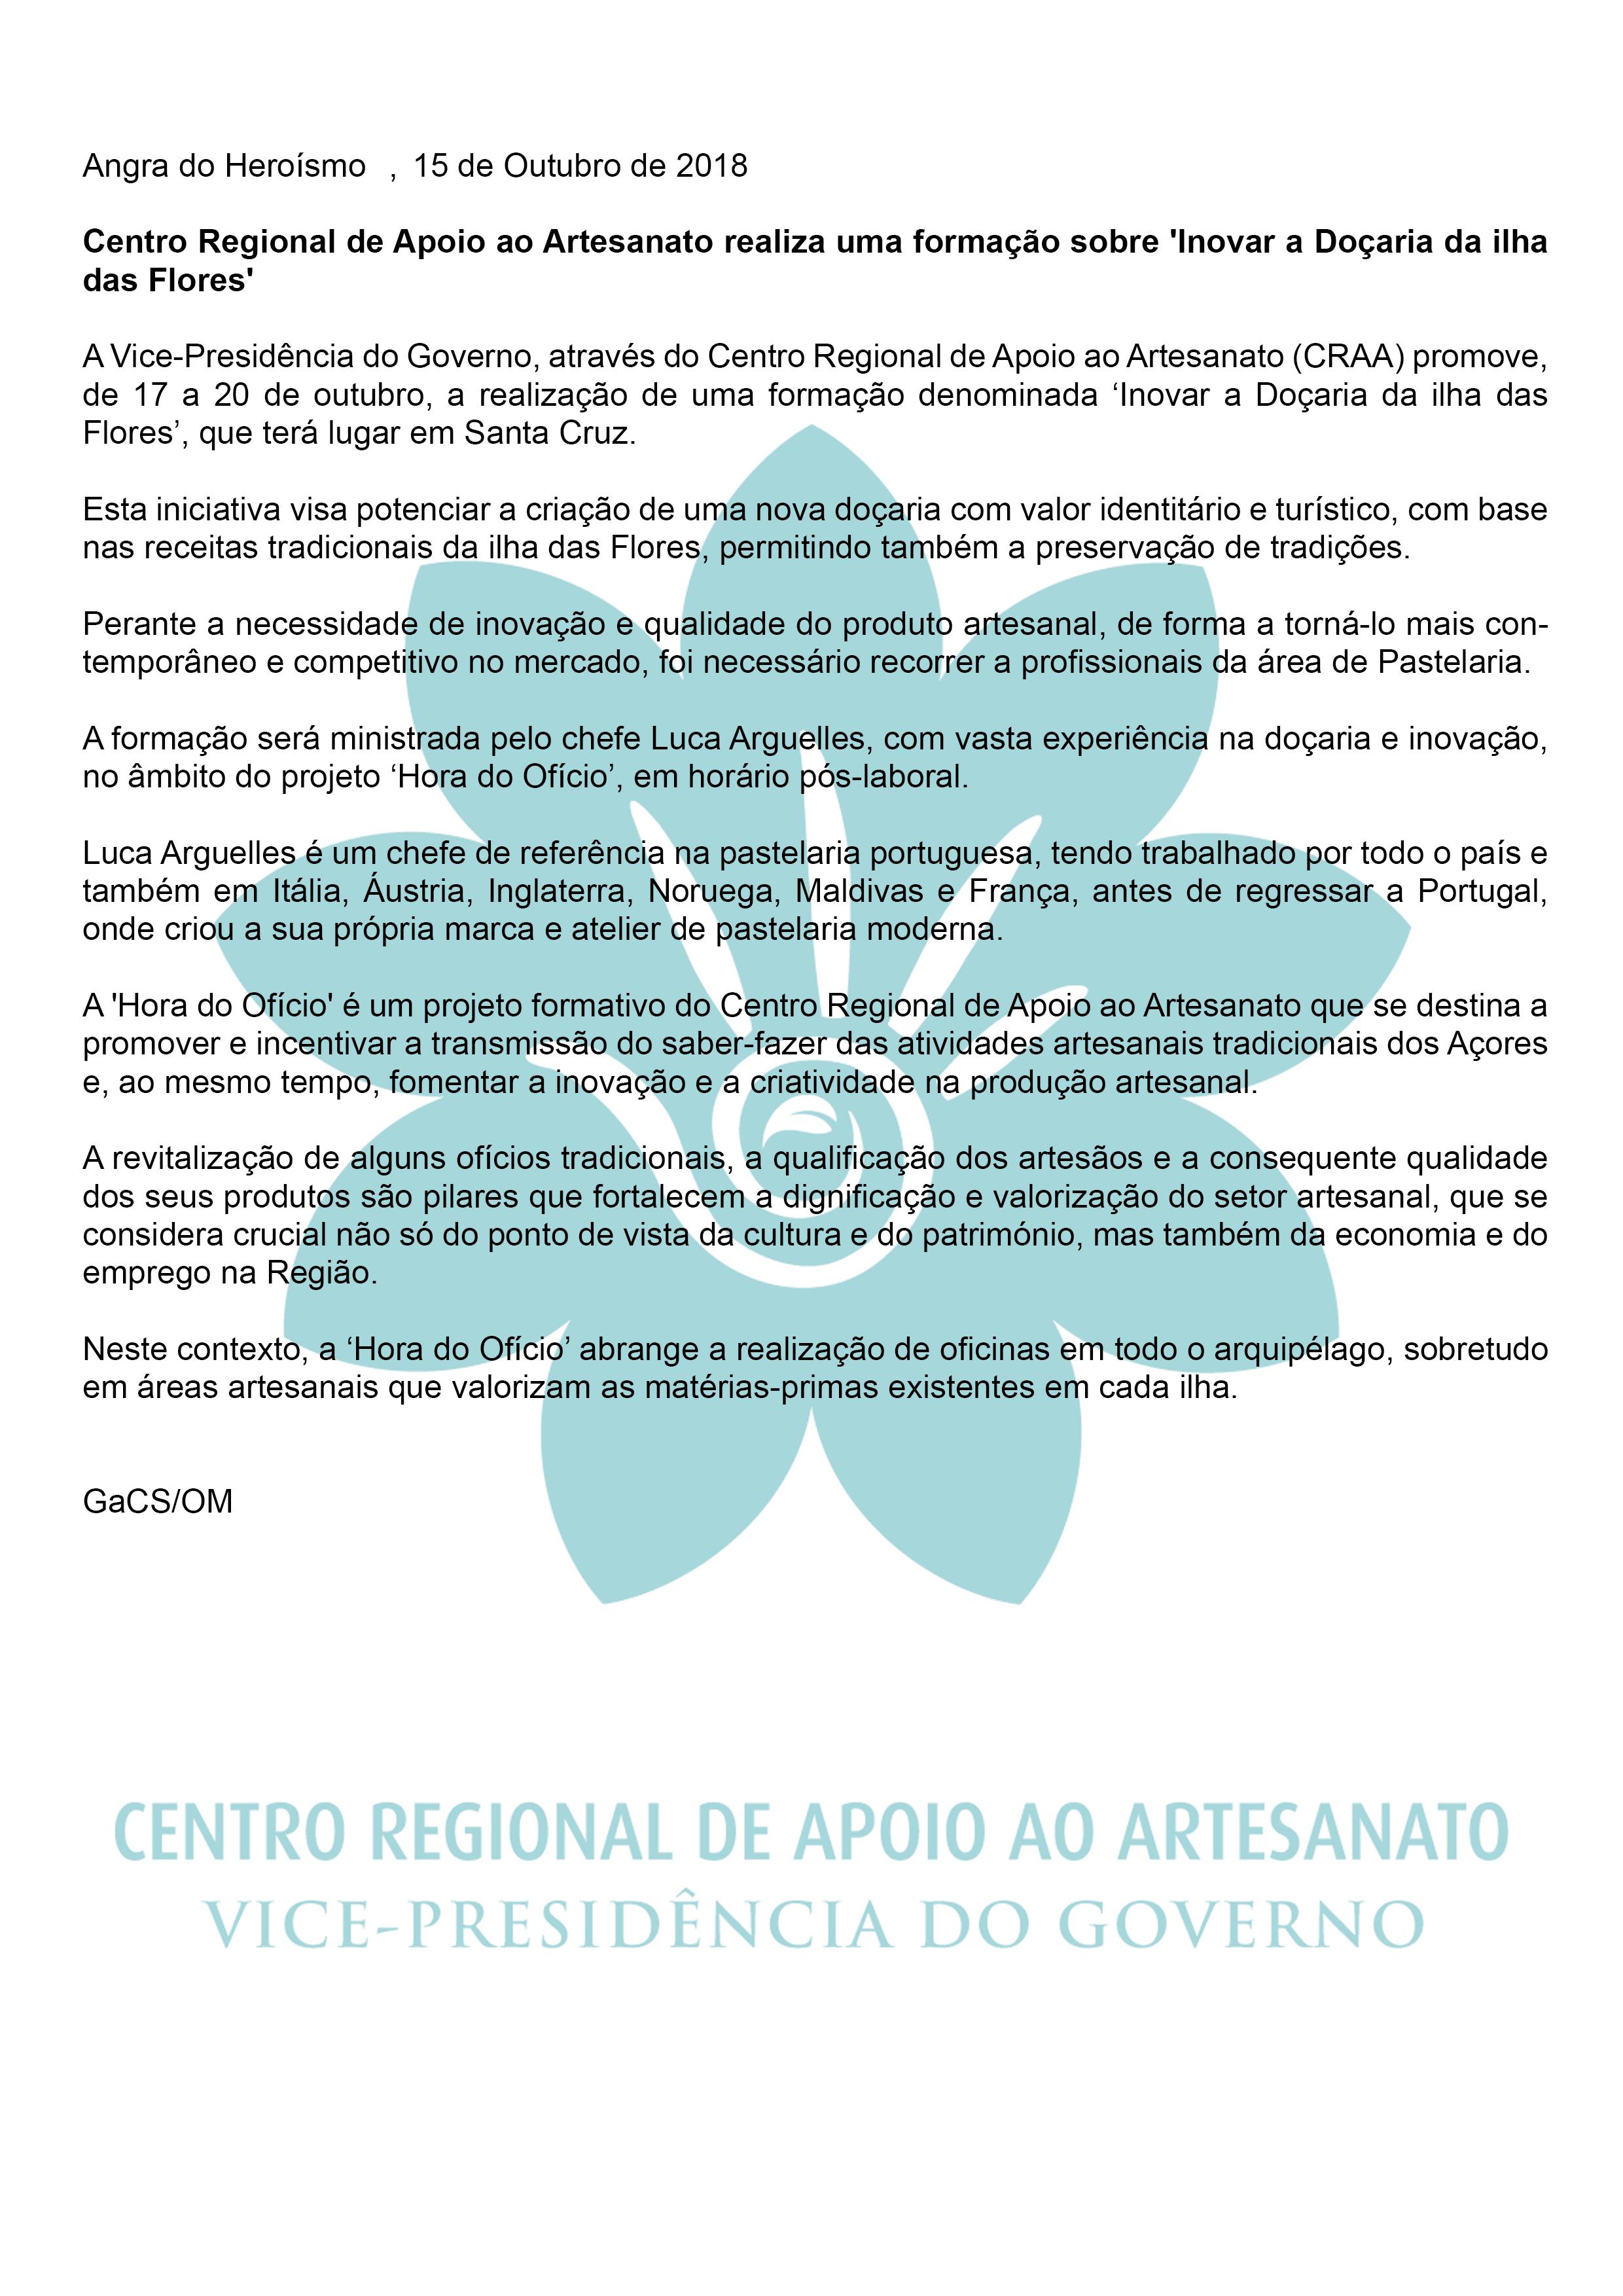 Centro Regional de Apoio ao Artesanato realiza uma formacao sobre Inovar a Docaria da ilha das Flores PT